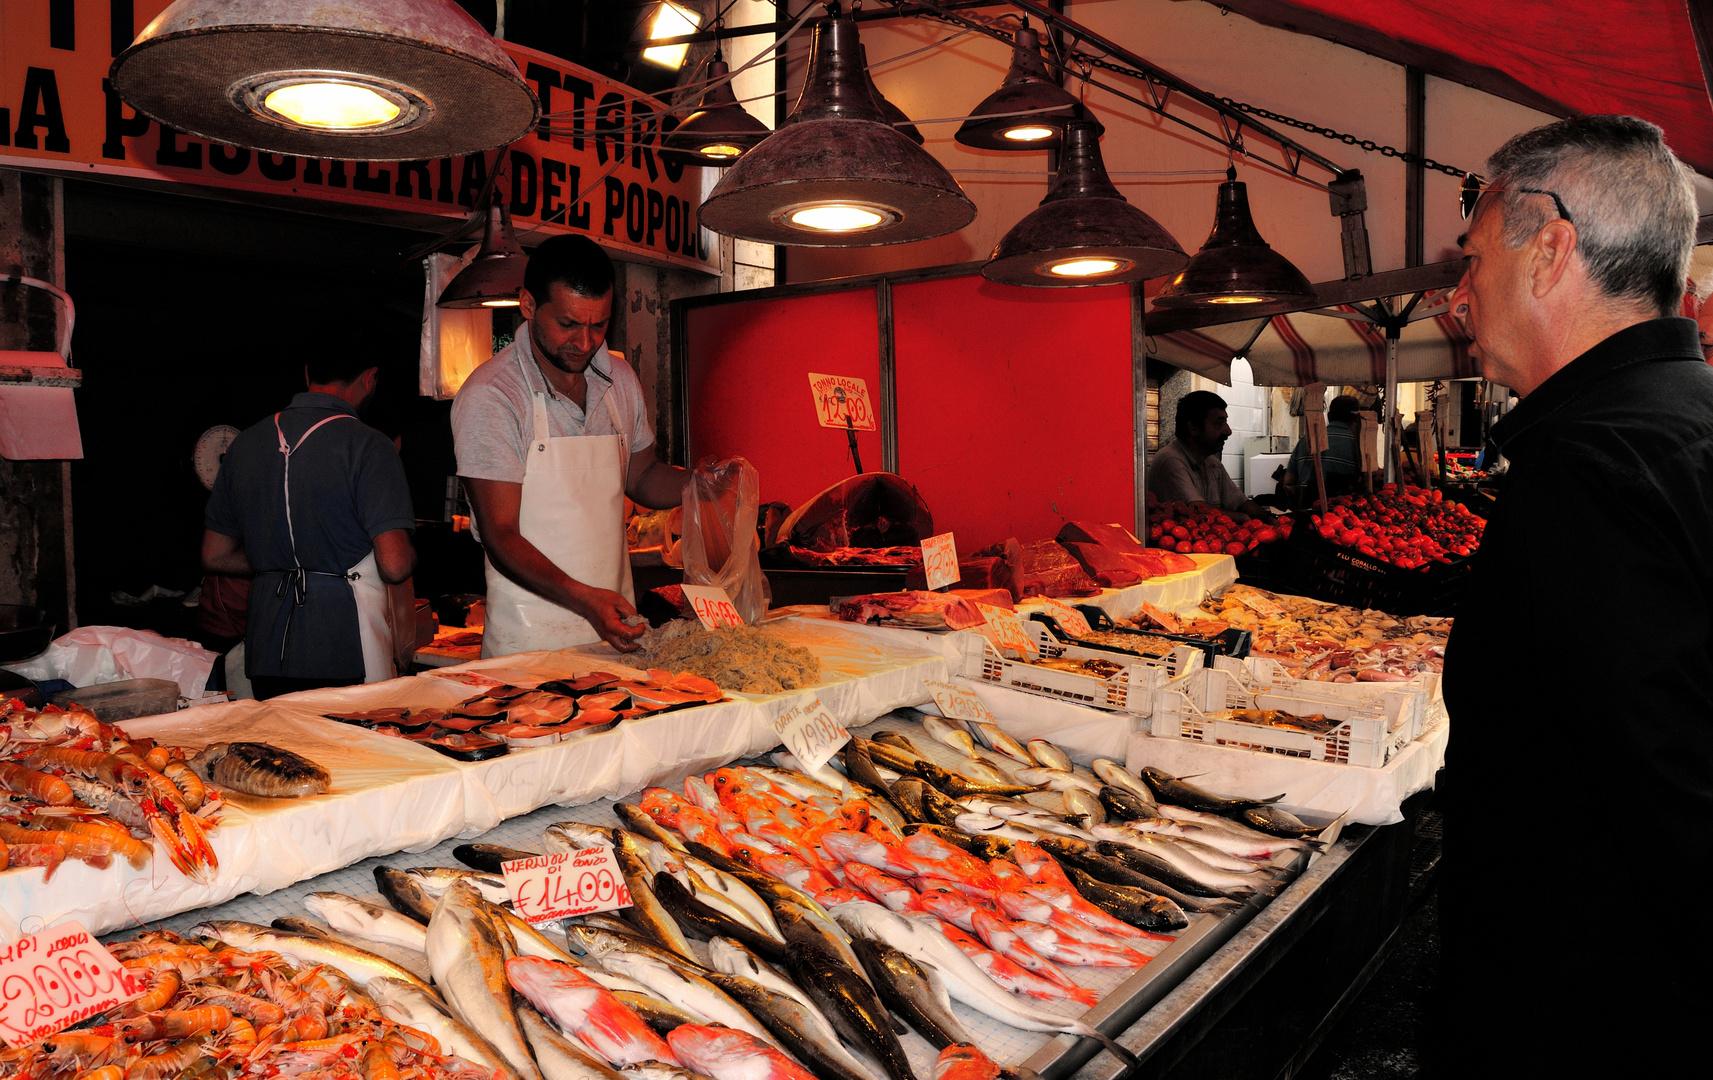 Vielfältige Auswahl auf dem Fischmarkt